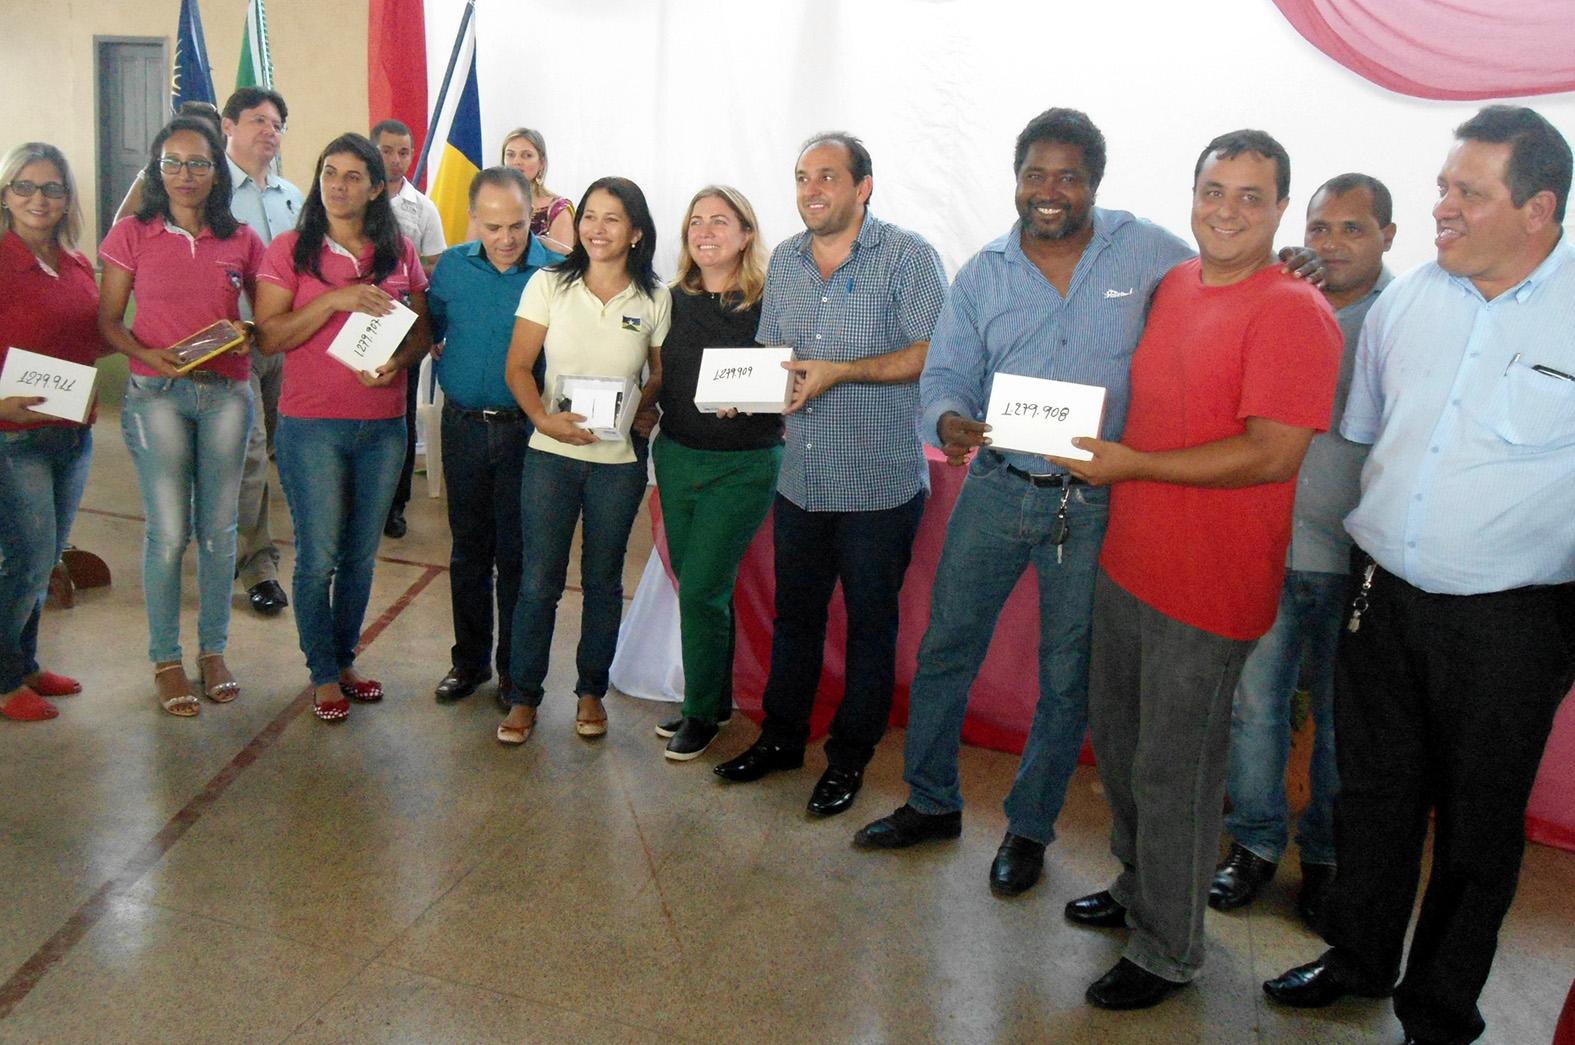 Educa__o-avan_a-da-merenda-ao-netbook-com-apoio-legislativo-Foto-Assessoria-2.jpg